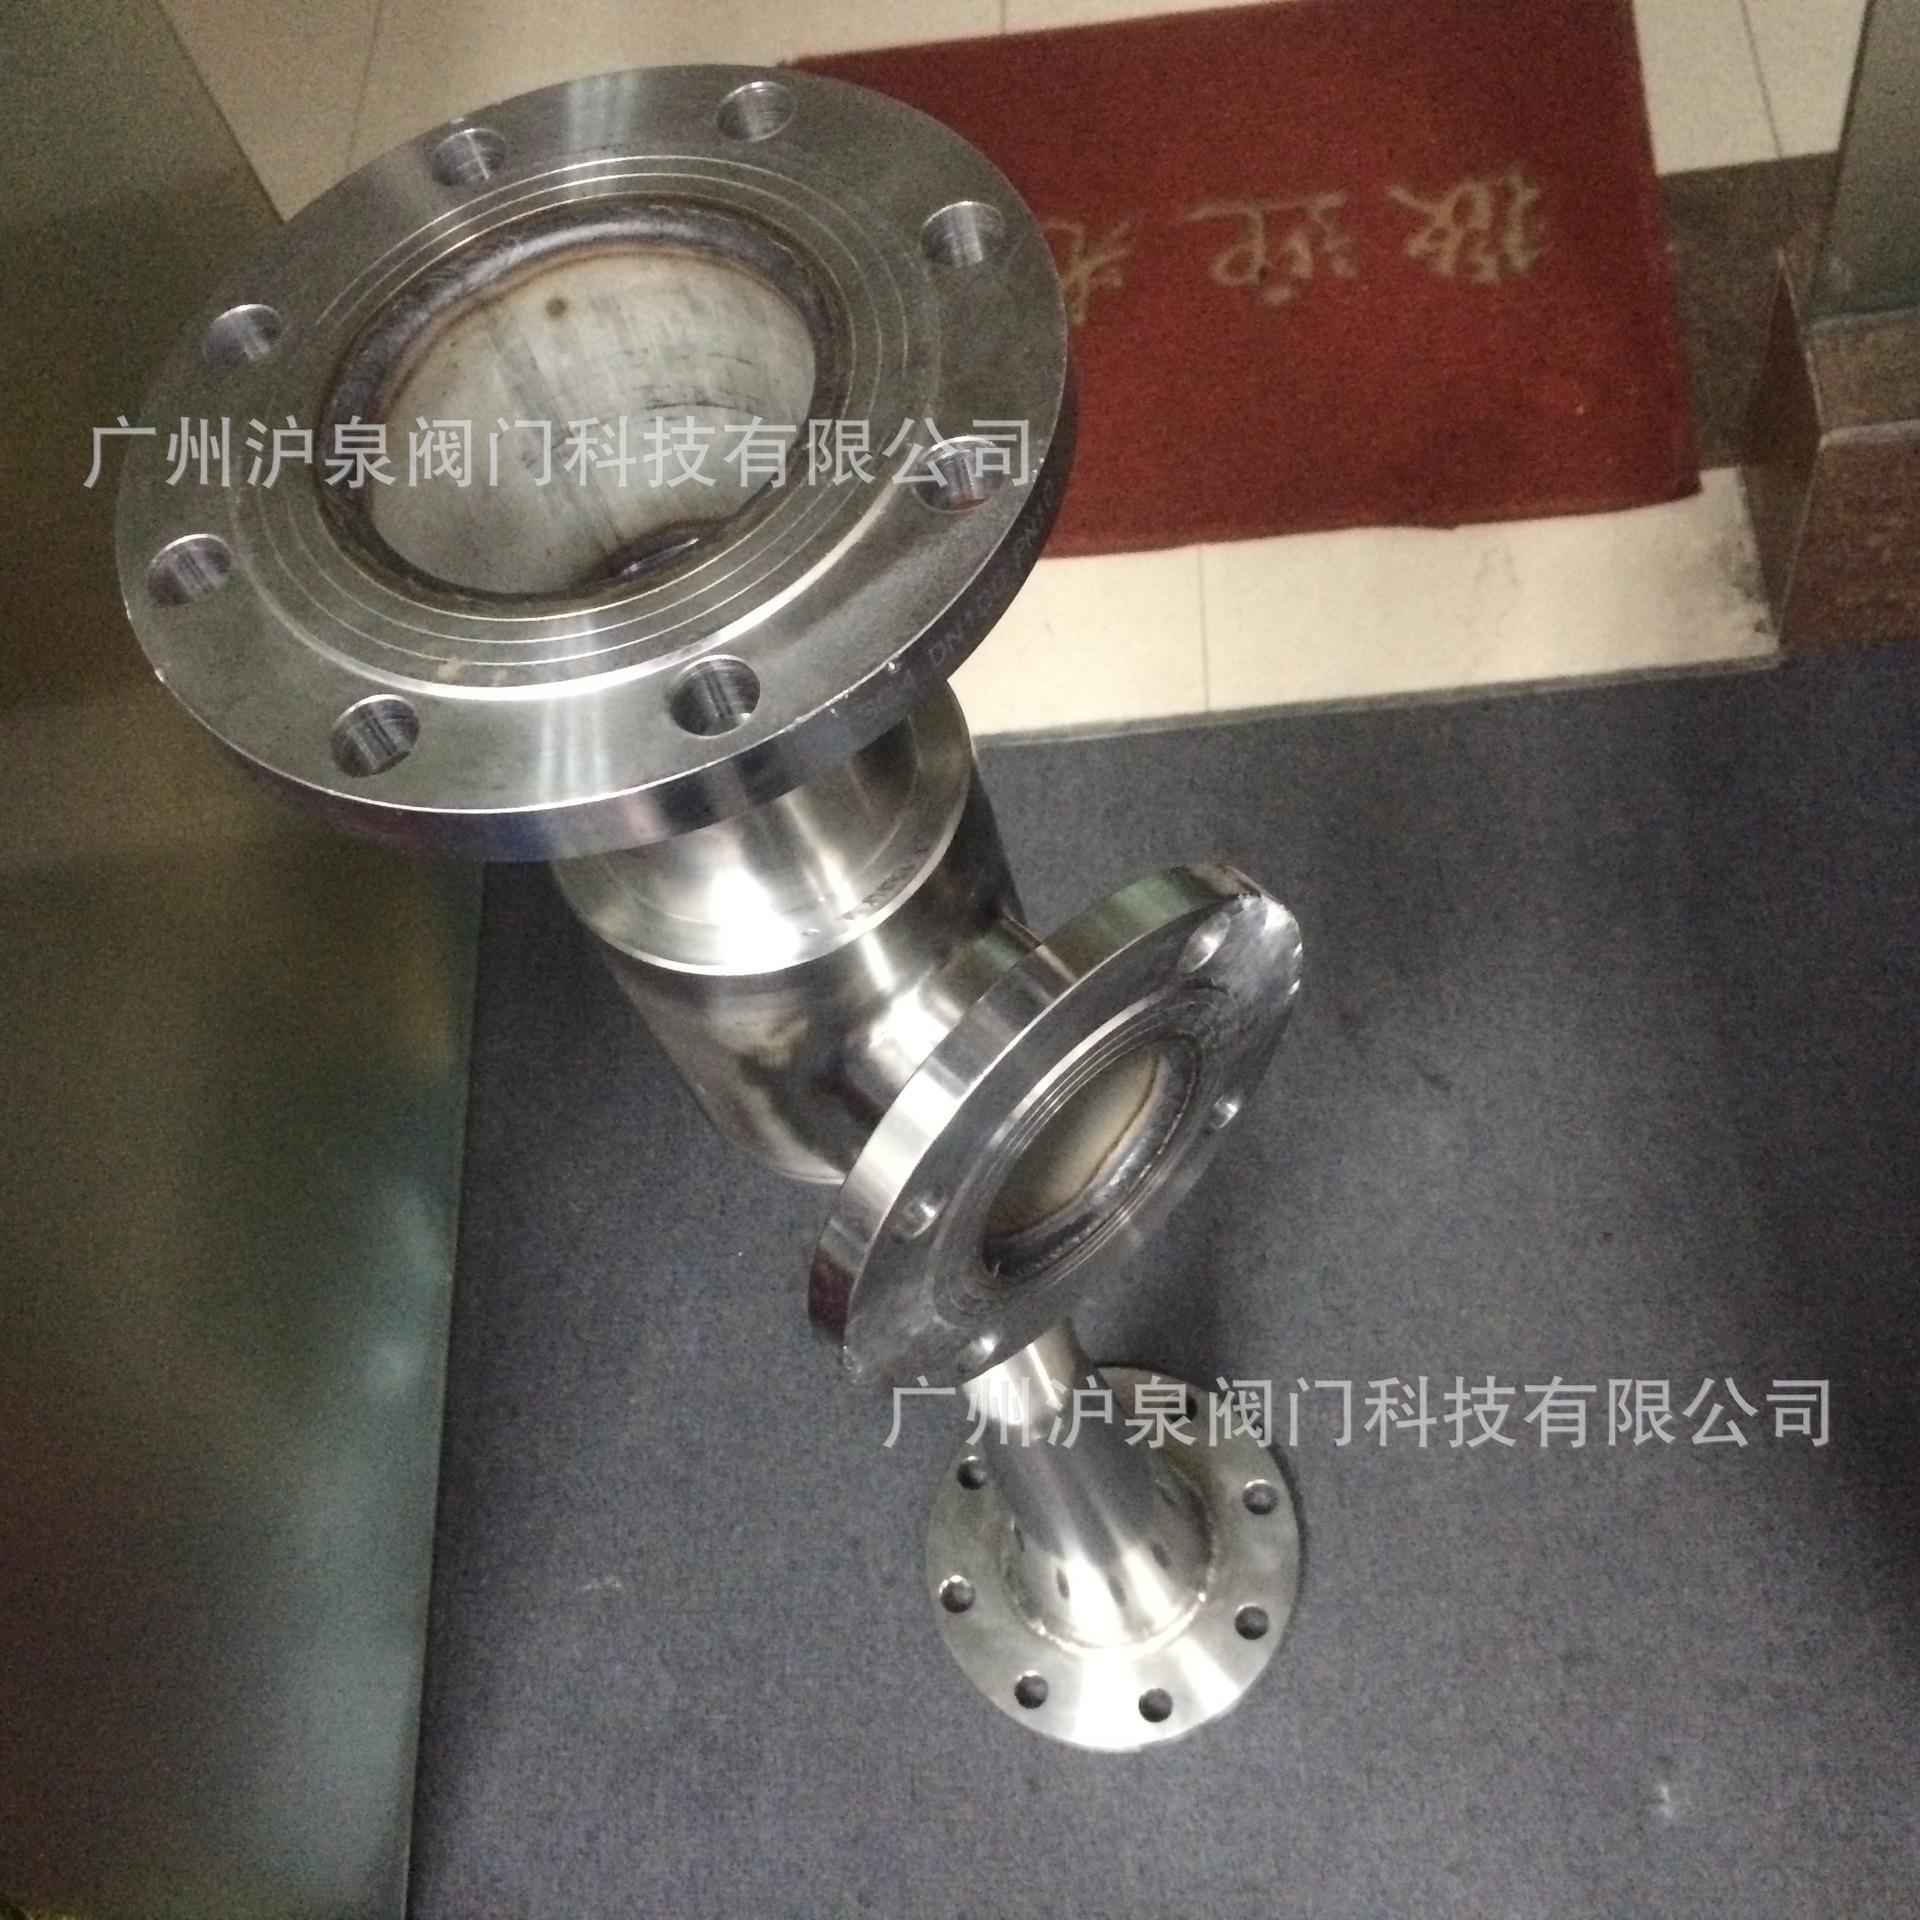 不锈钢蒸汽喷射器 酸喷射器 水力喷射器 空气喷射器